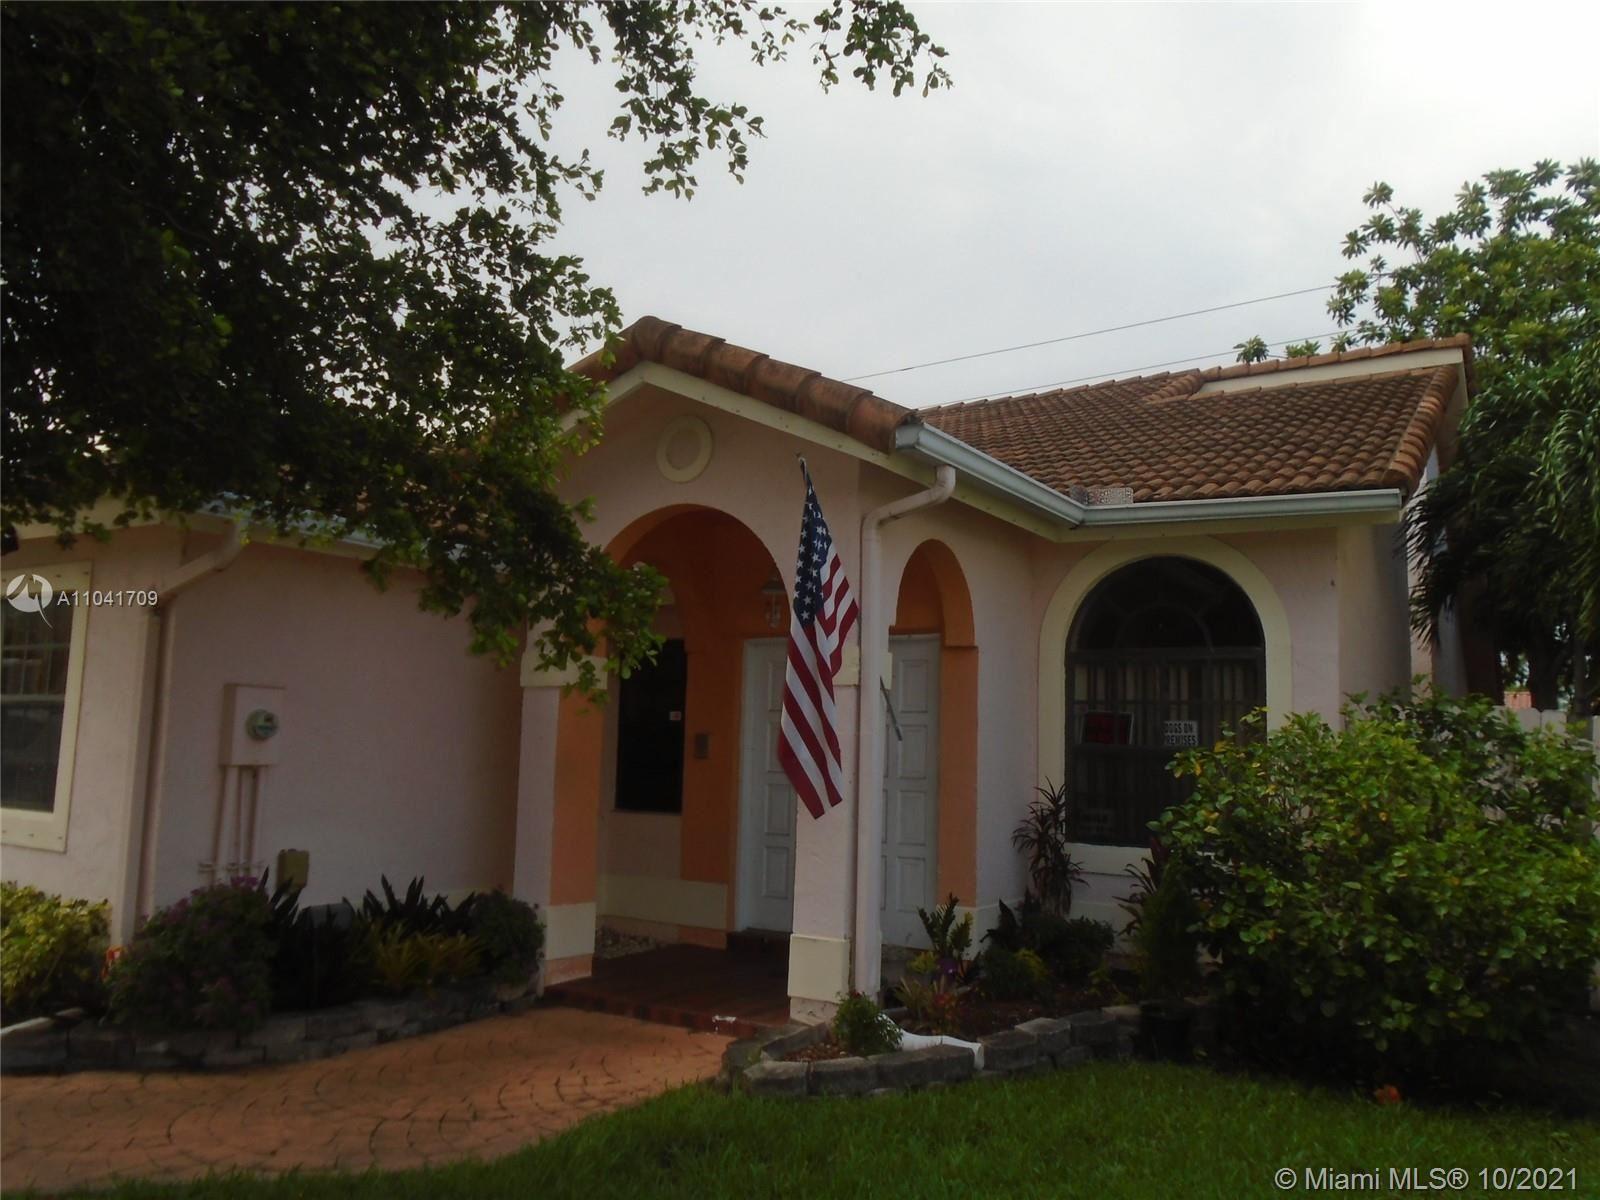 14411 SW 112th Ter, Miami, FL 33186 - #: A11041709